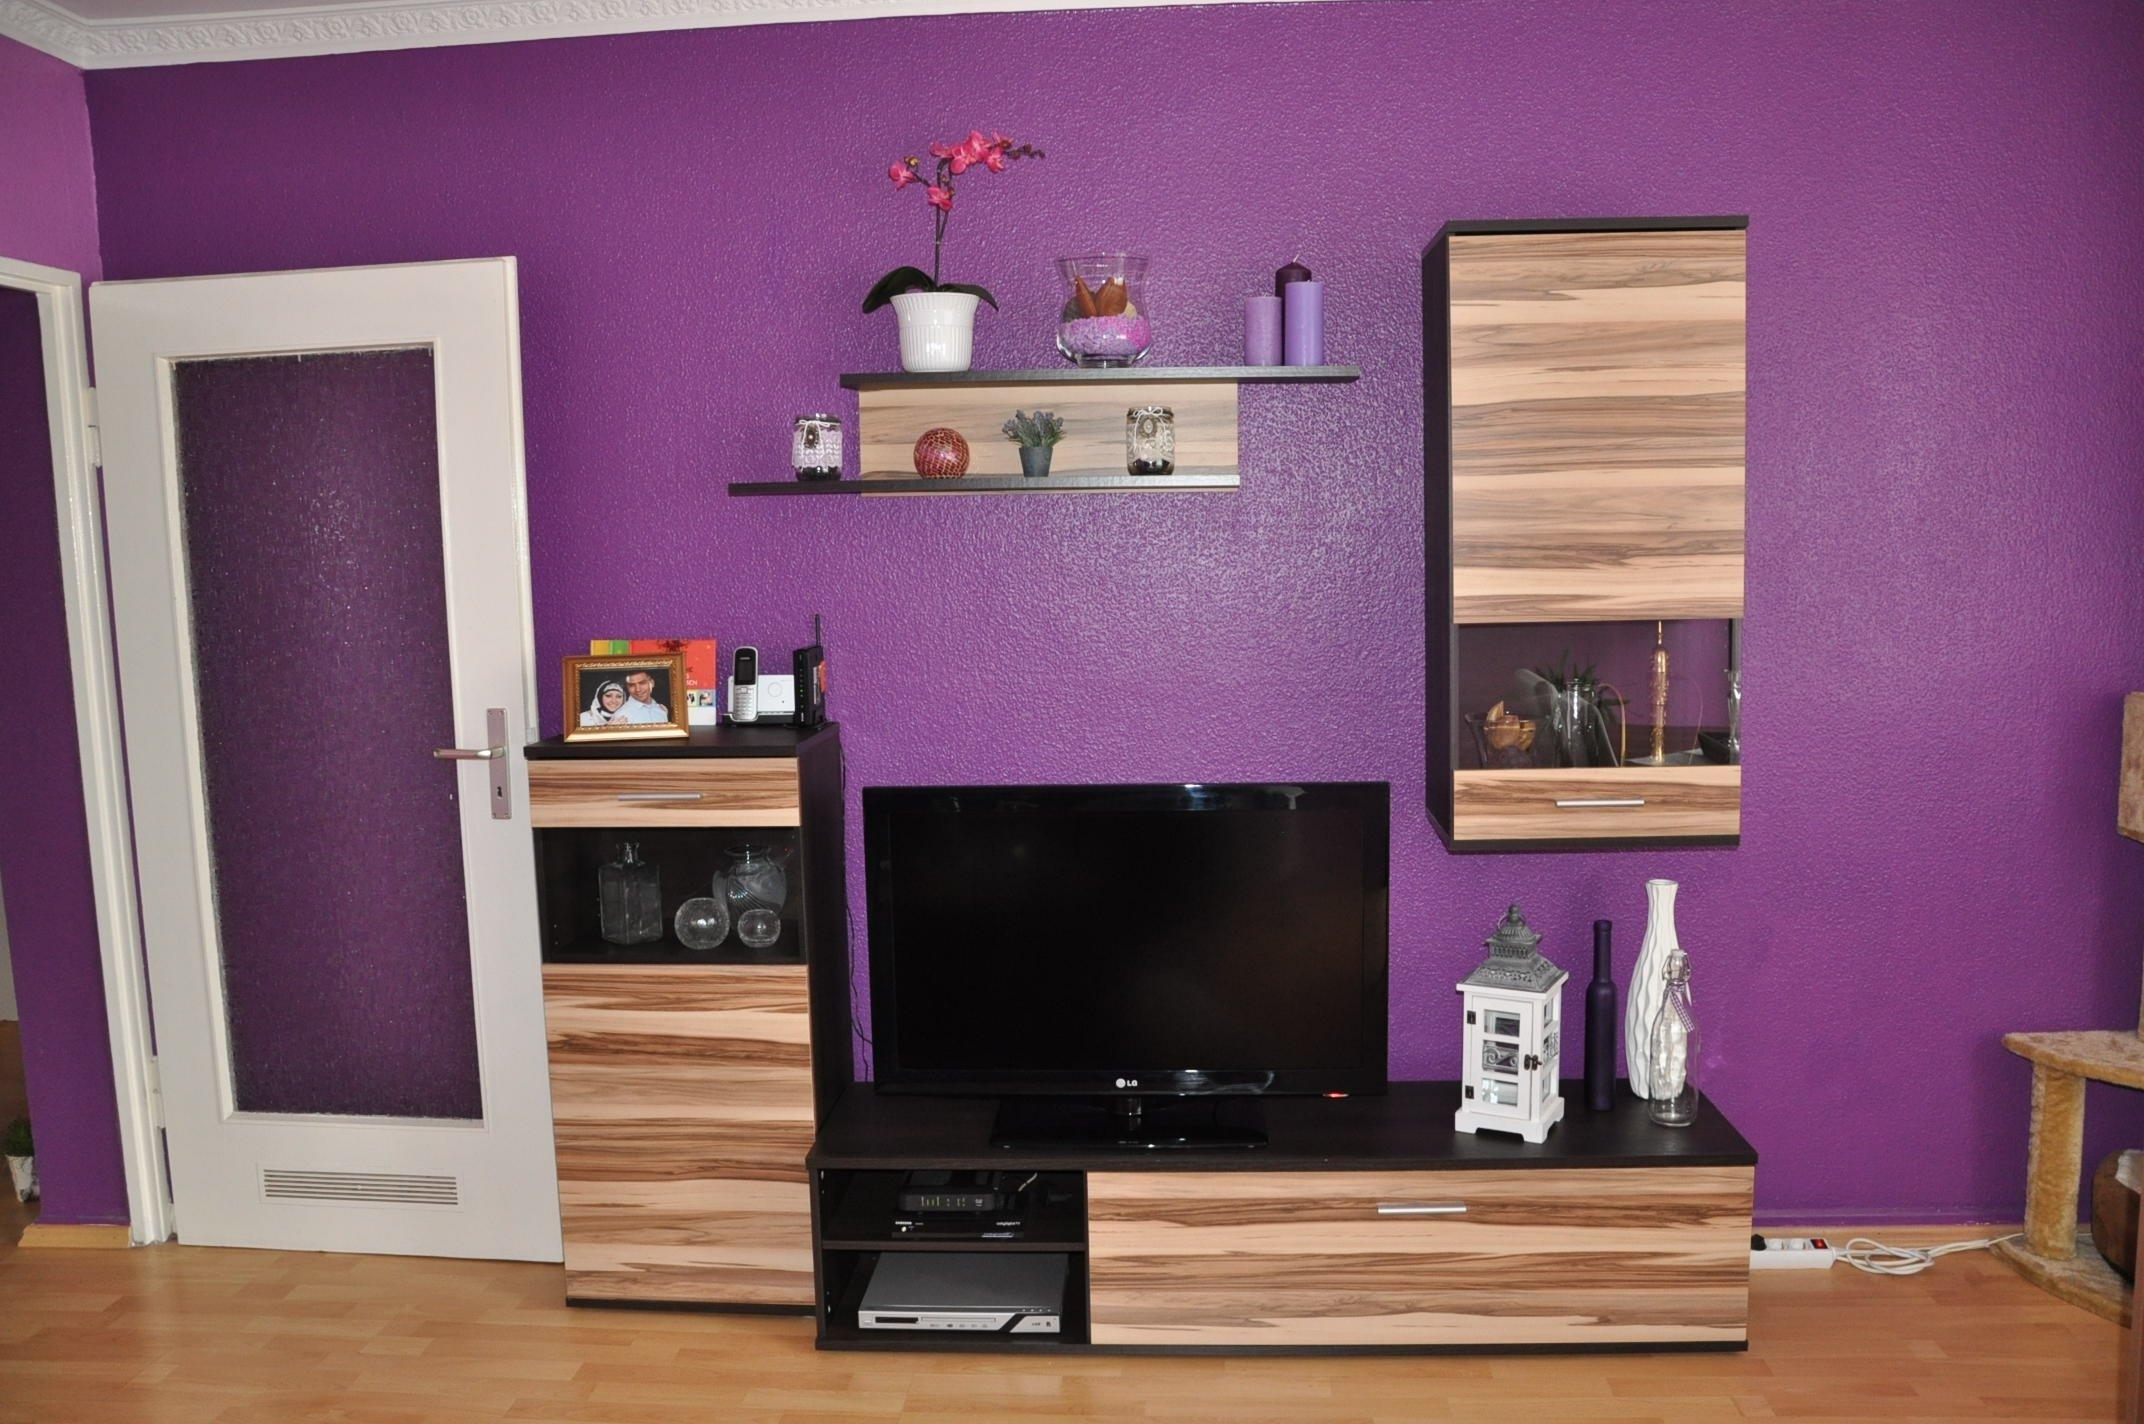 Gardinen Wohnzimmer Modern Grau Einrichten Lila Ignicad